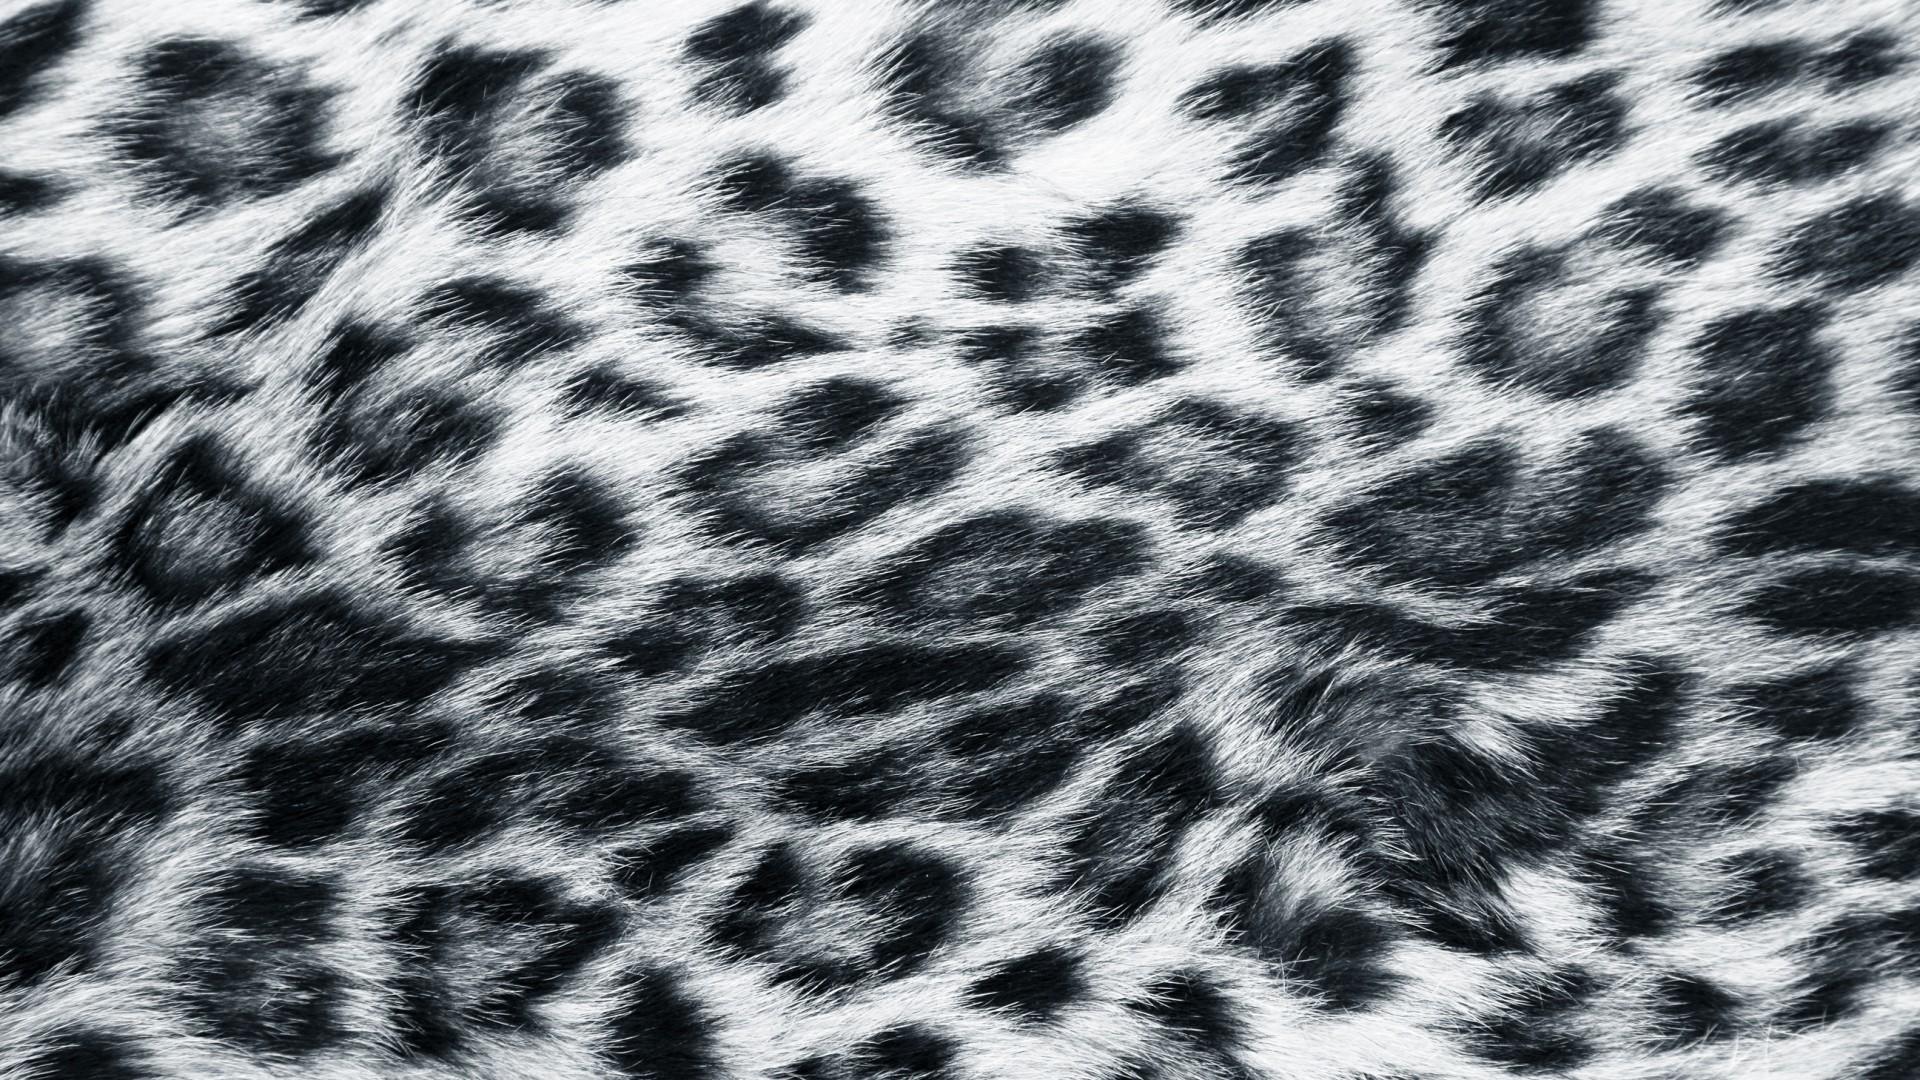 Explore Leopard Print Wallpaper and more!